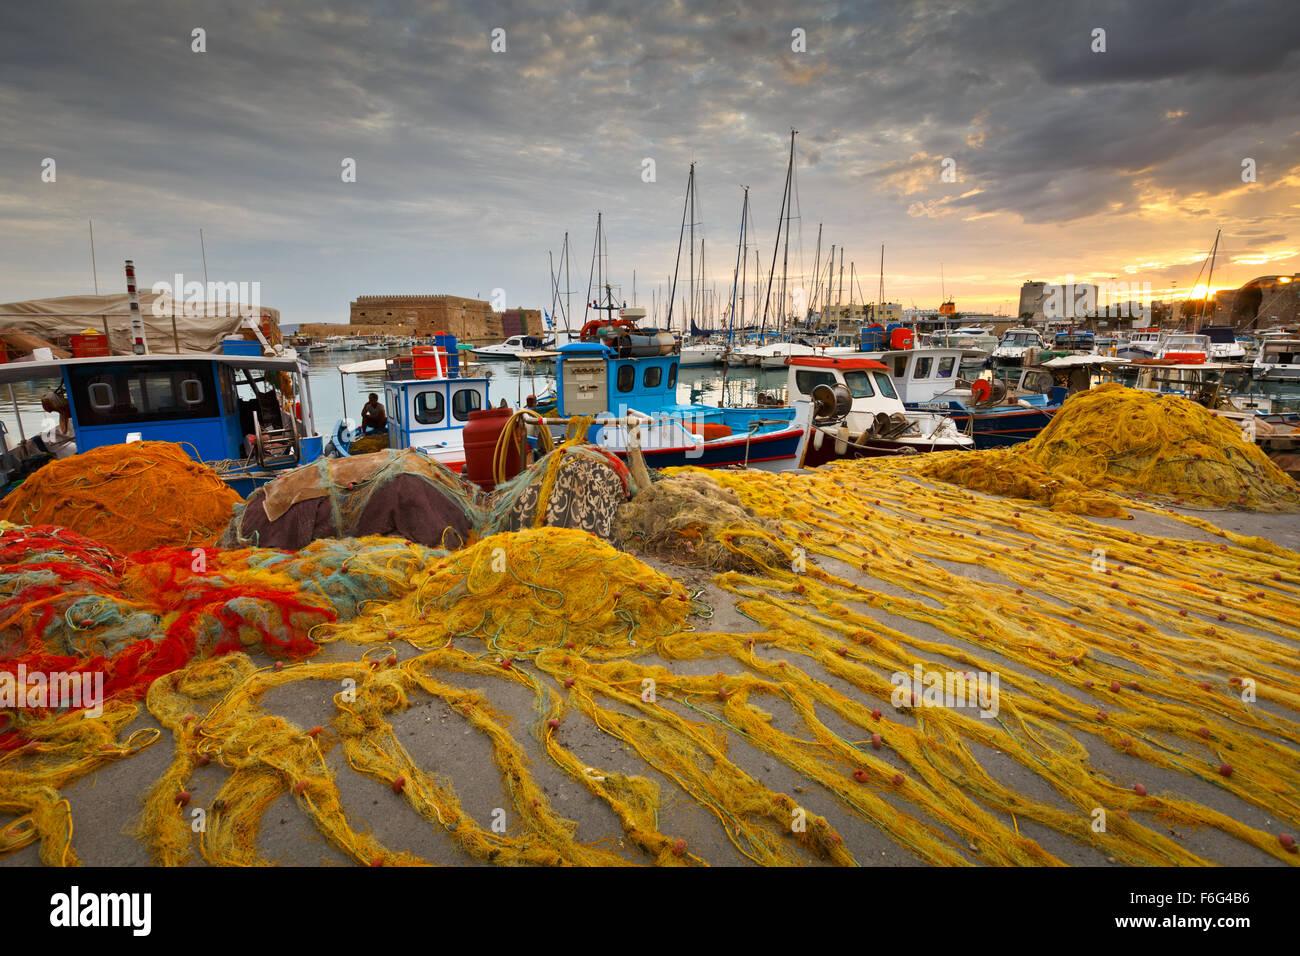 Angelboote/Fischerboote und Fischernetze im alten Hafen von Heraklion auf Kreta, Griechenland Stockbild